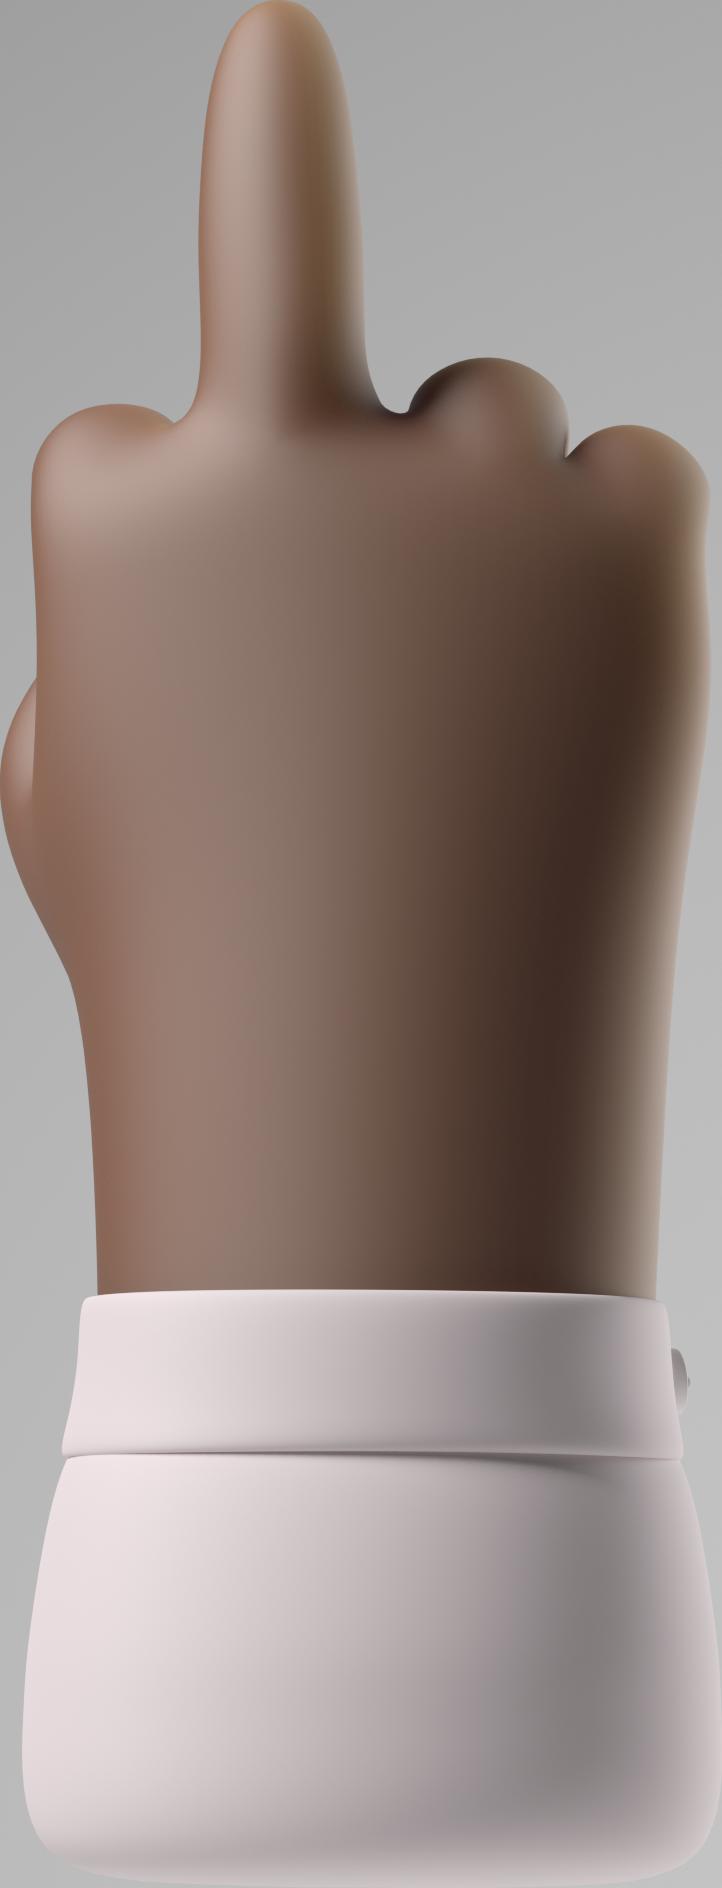 middle finger Clipart illustration in PNG, SVG